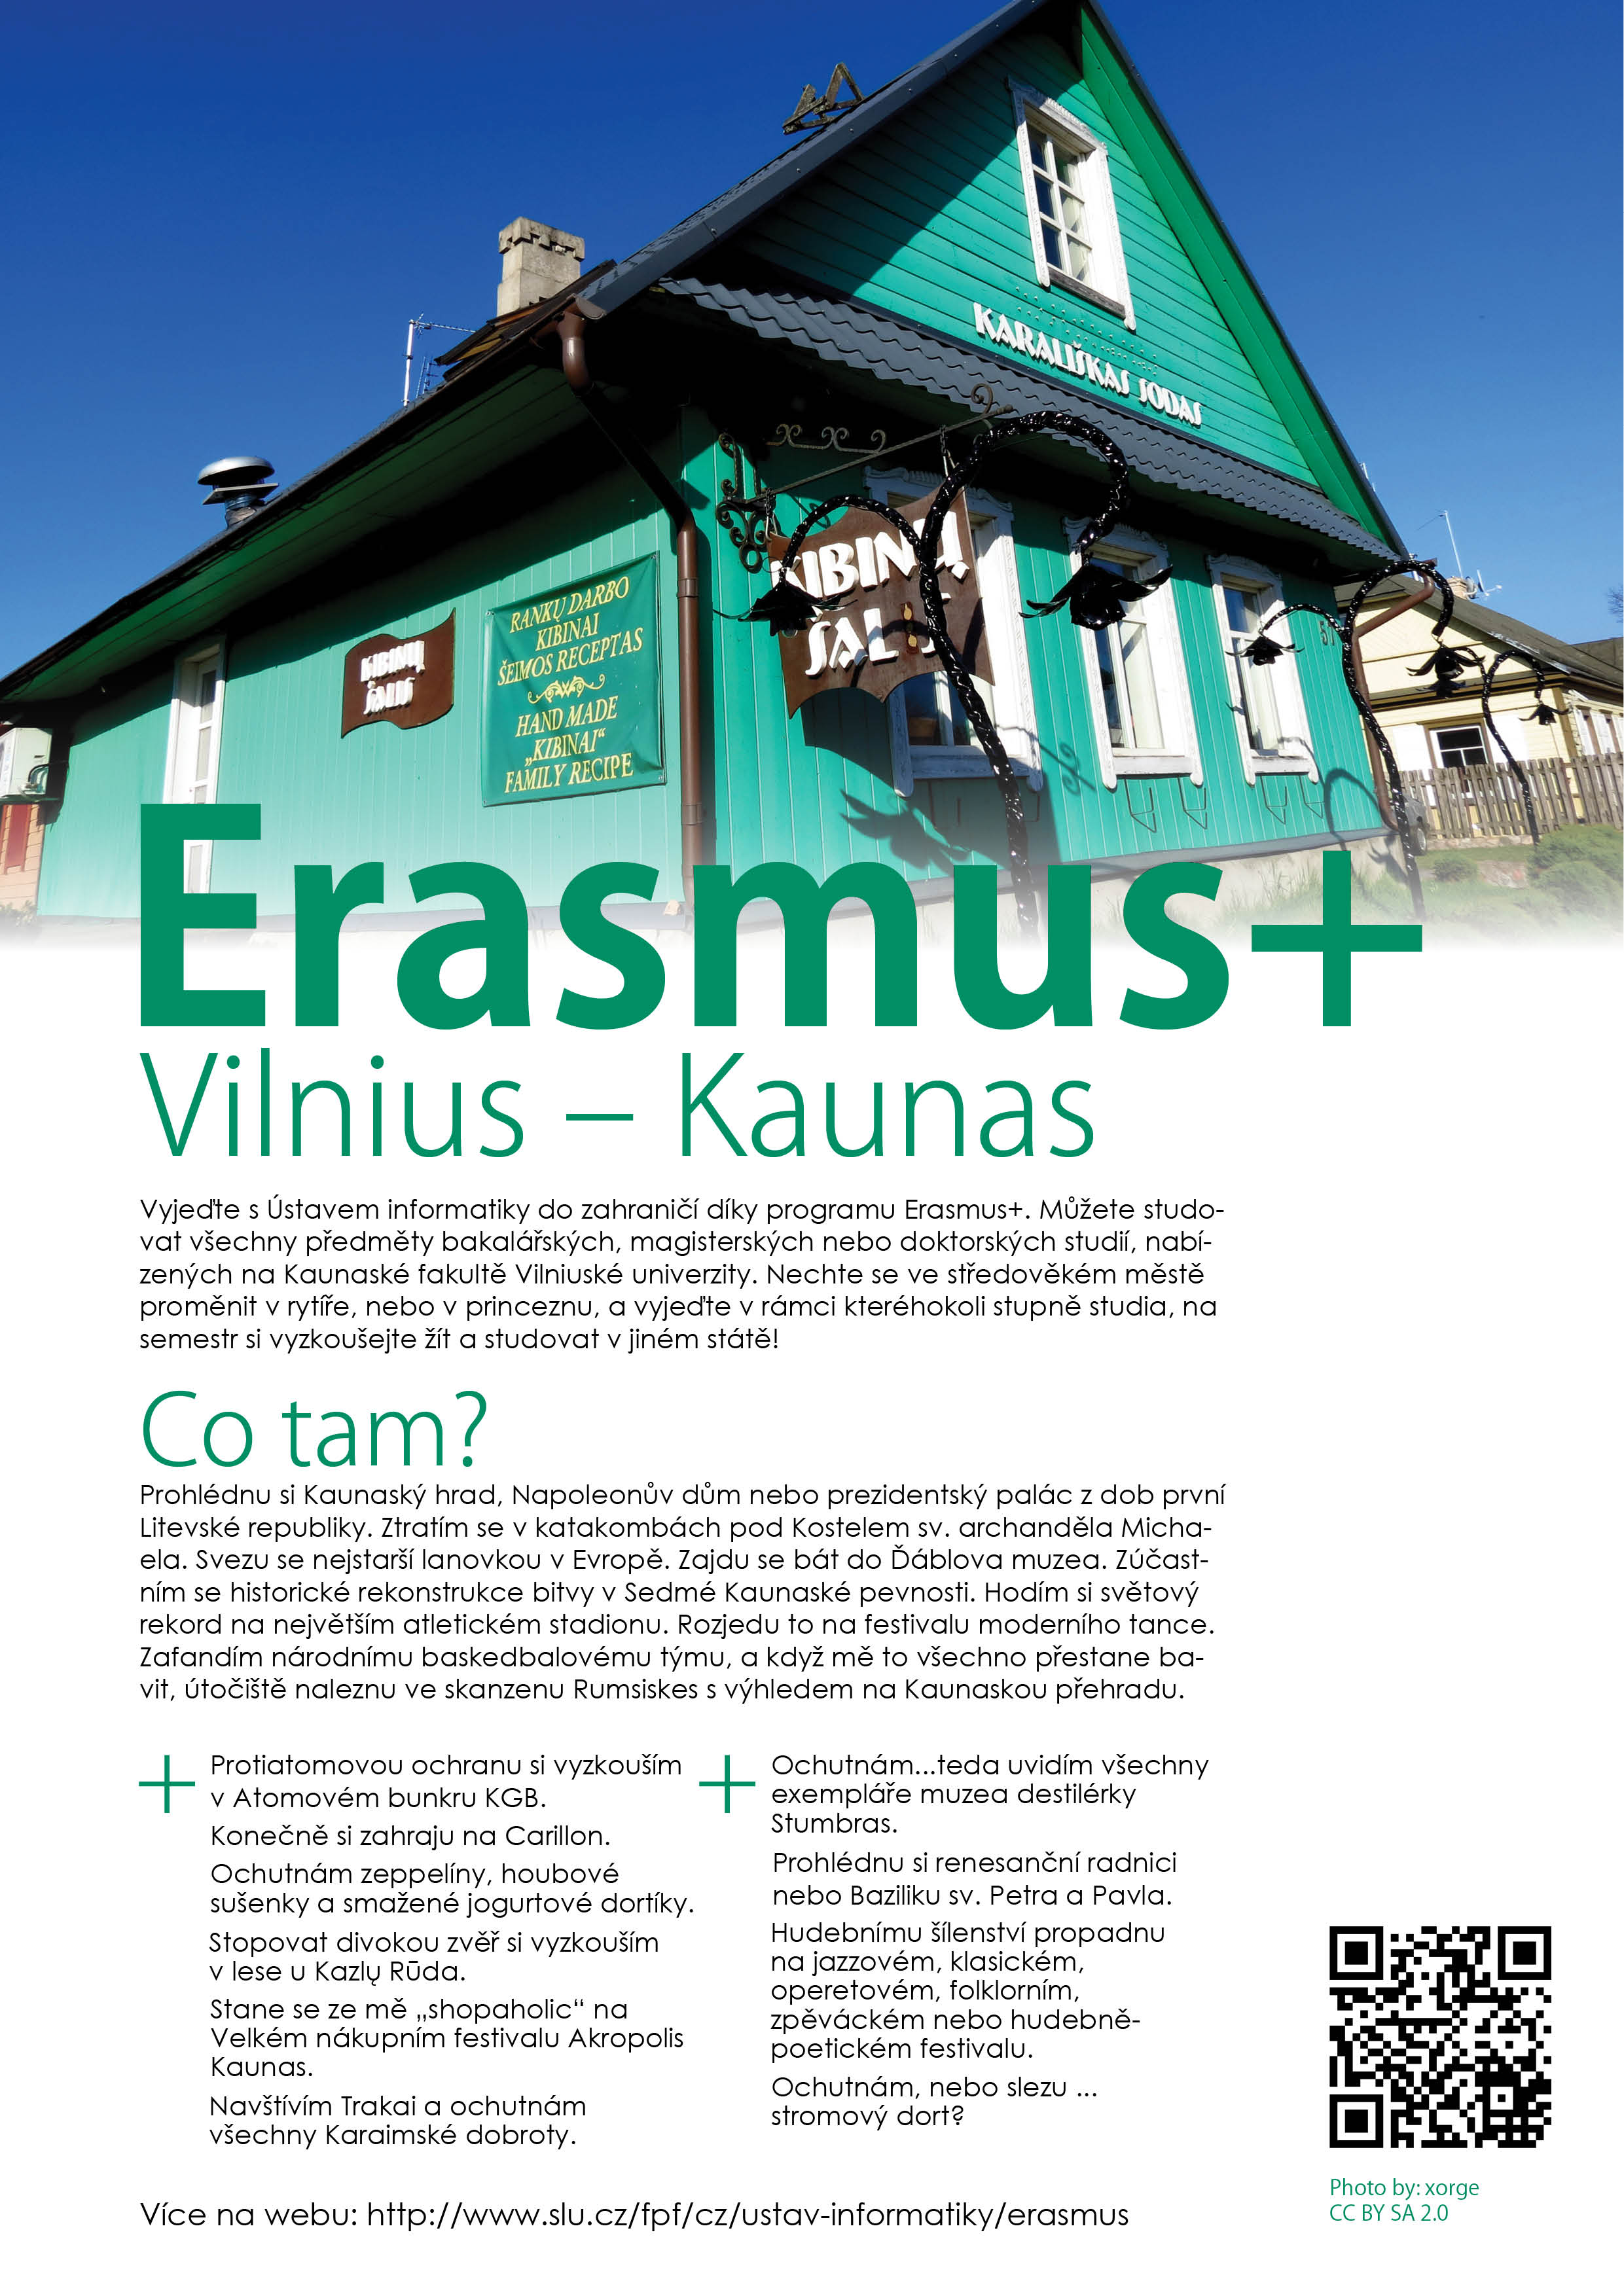 Erasmus - Vilnius-Kaunas